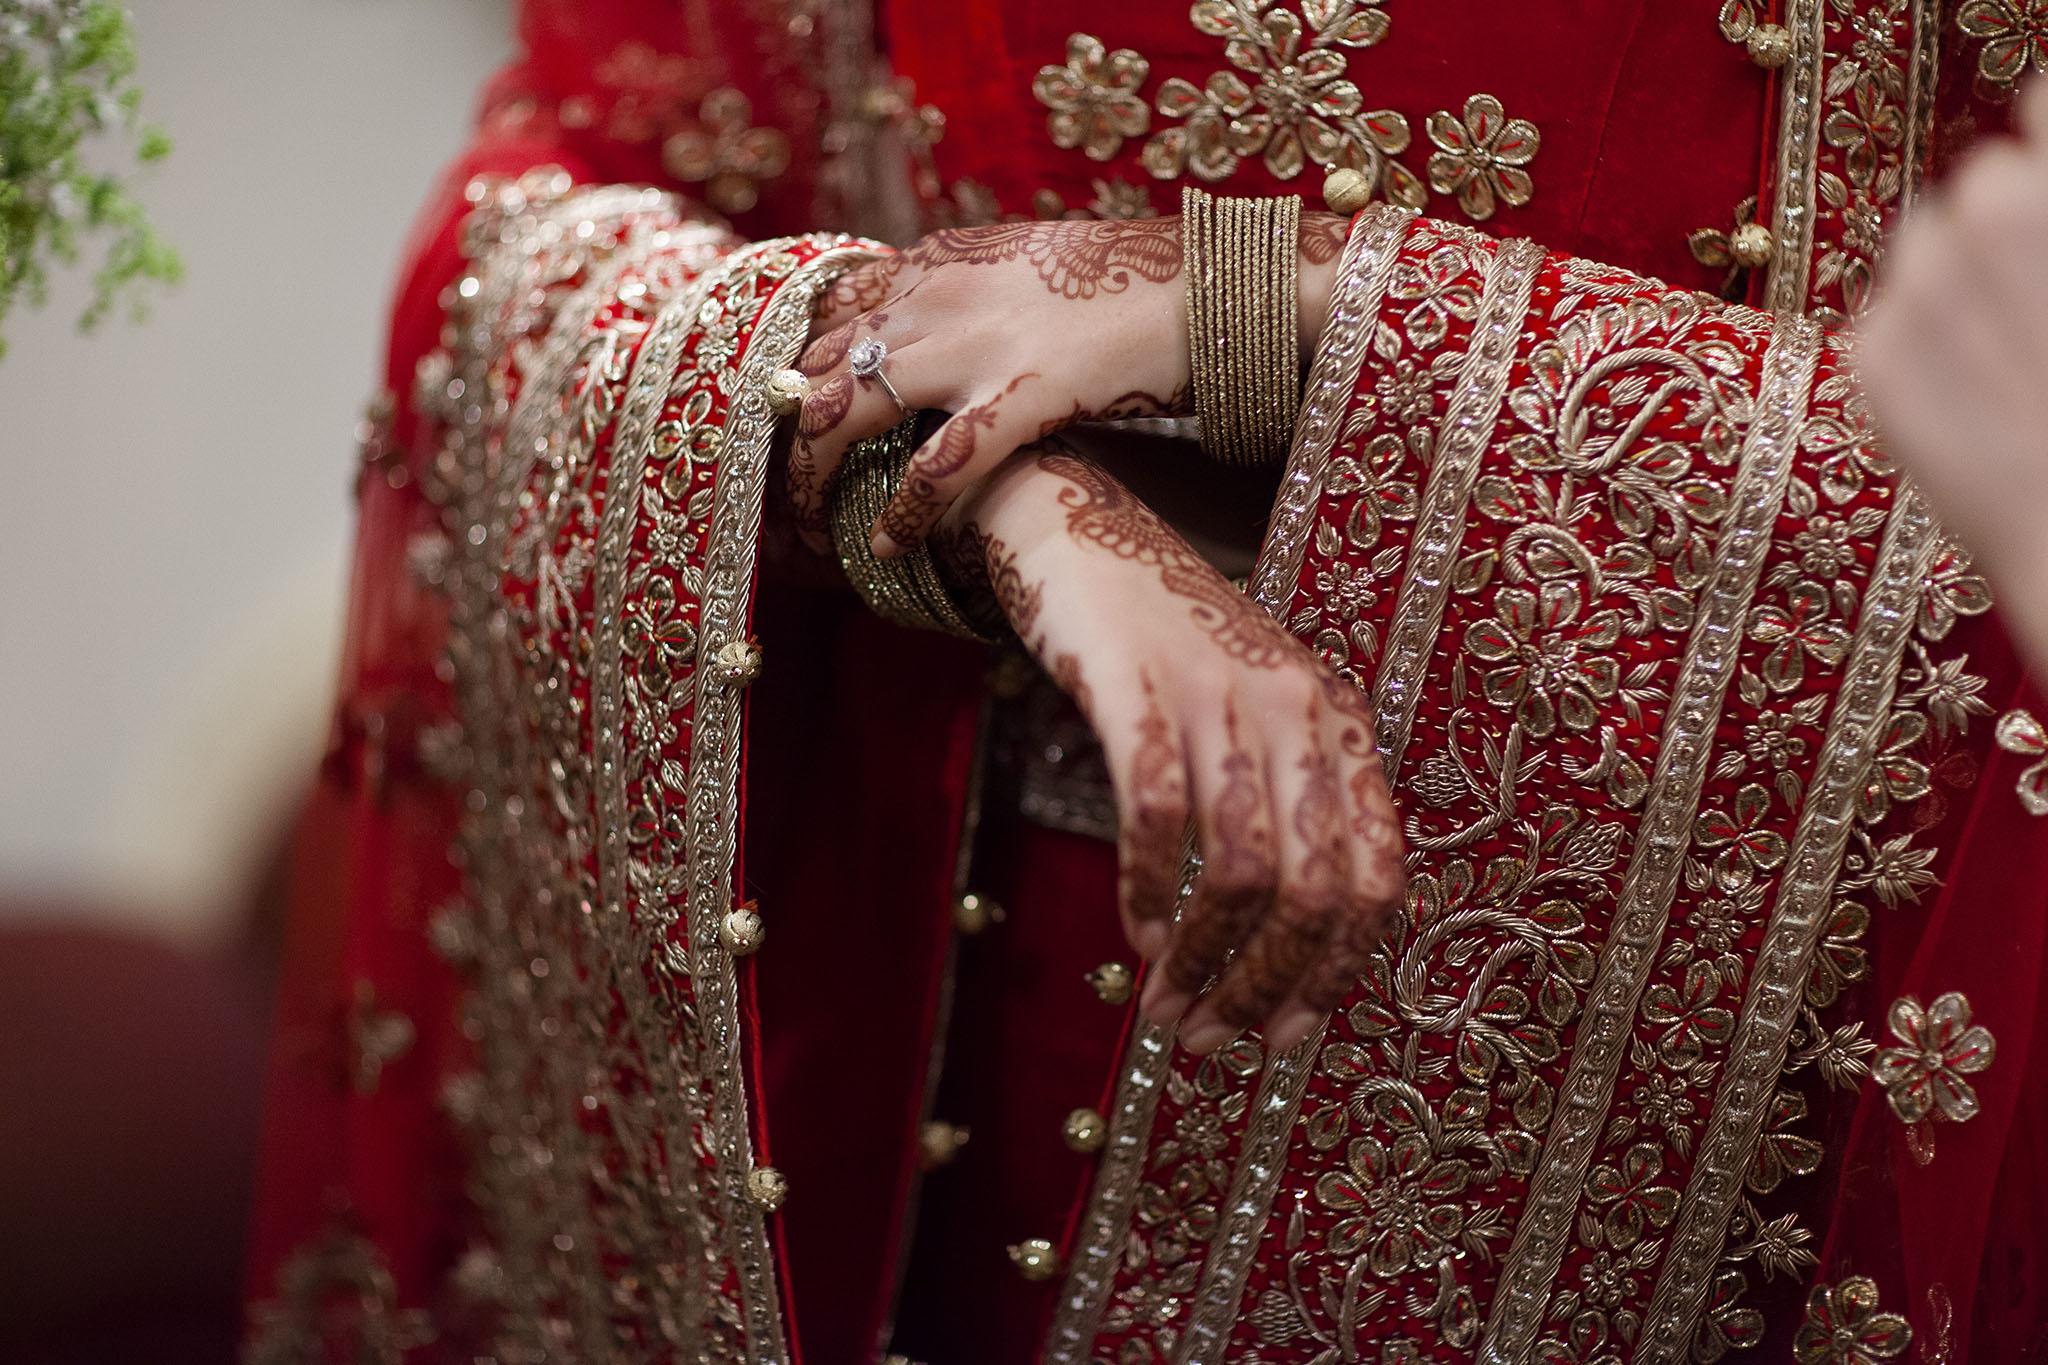 elizabethgphotography_kingslangley_hertfordshire_fineart_indian_wedding_photography_bhavesh_kundalata_bhaktivedanta_manor_watford_jpg11.jpg